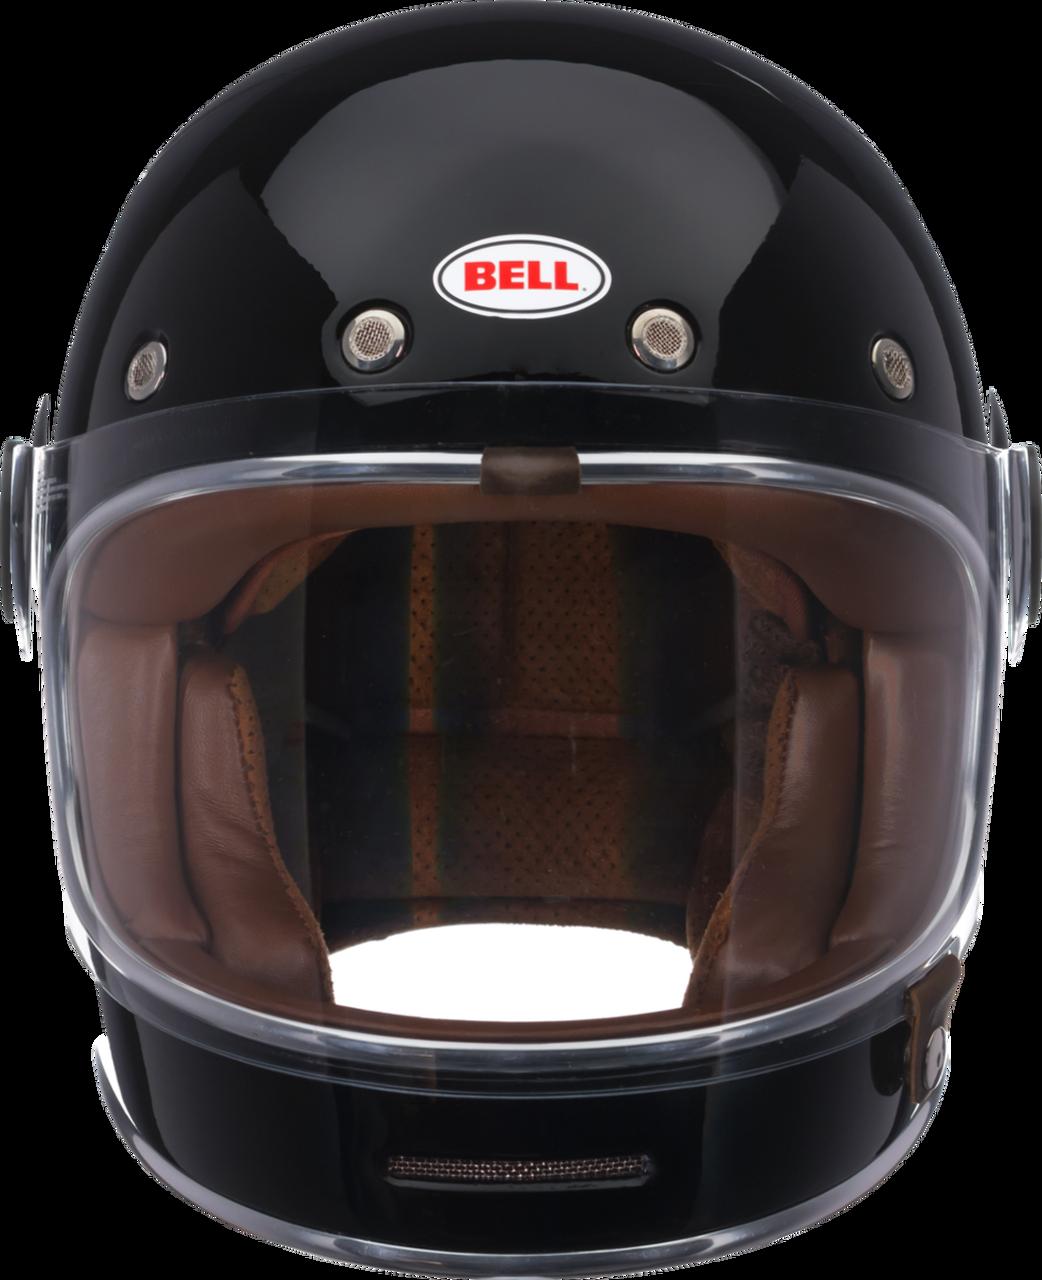 BELL BULLITT GLOSS BLACK